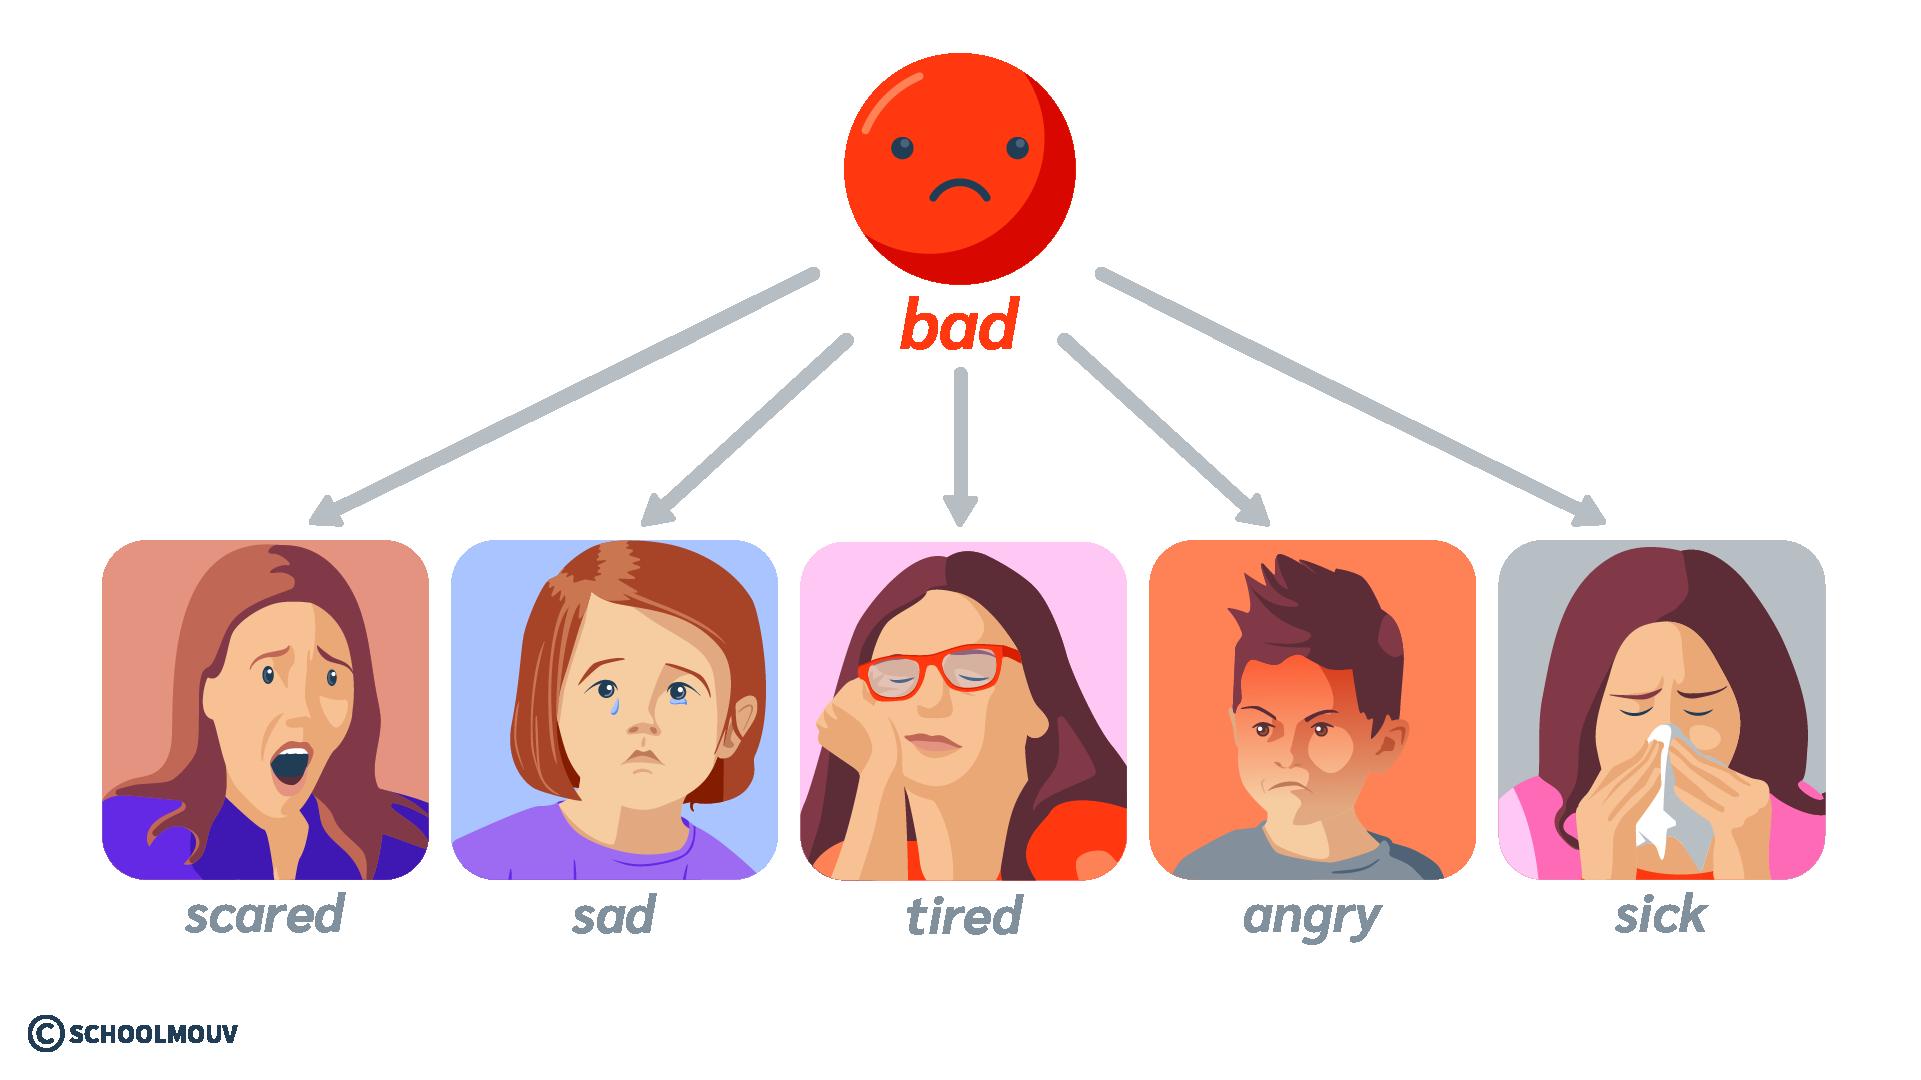 émotion sentiment humeur bad négatif anglais